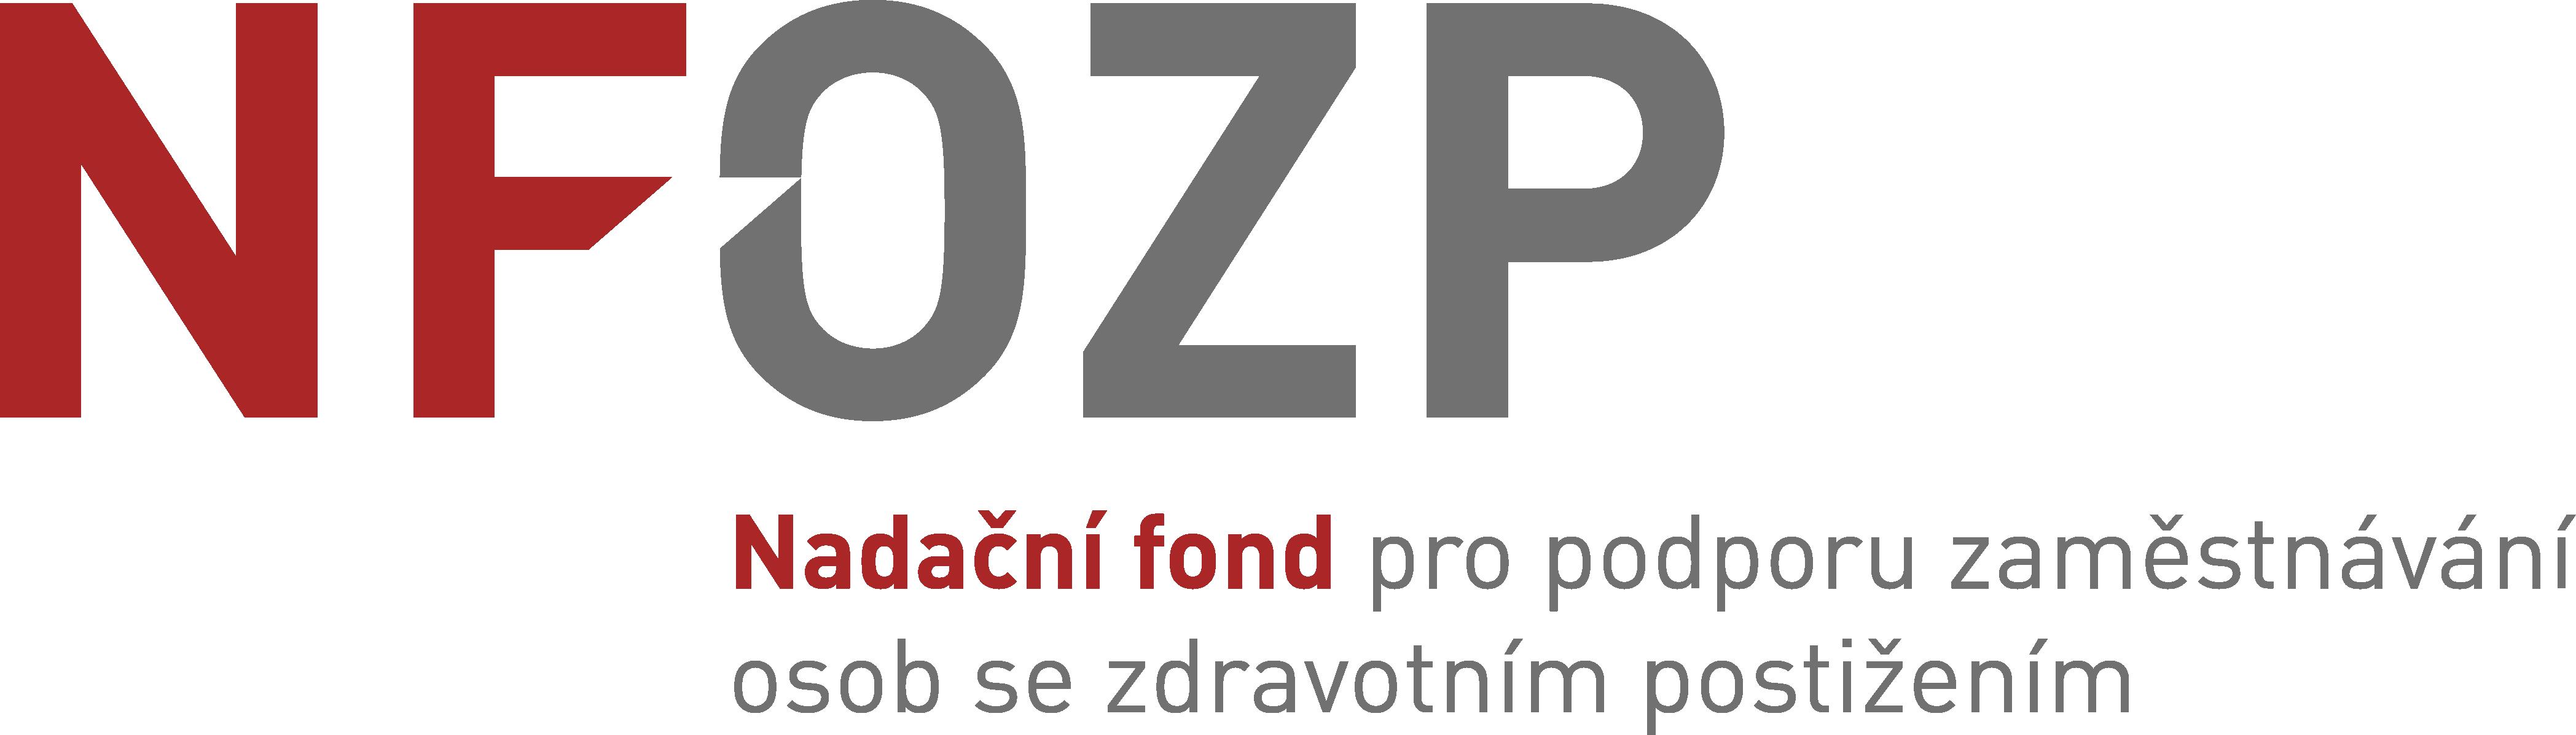 NFOZP